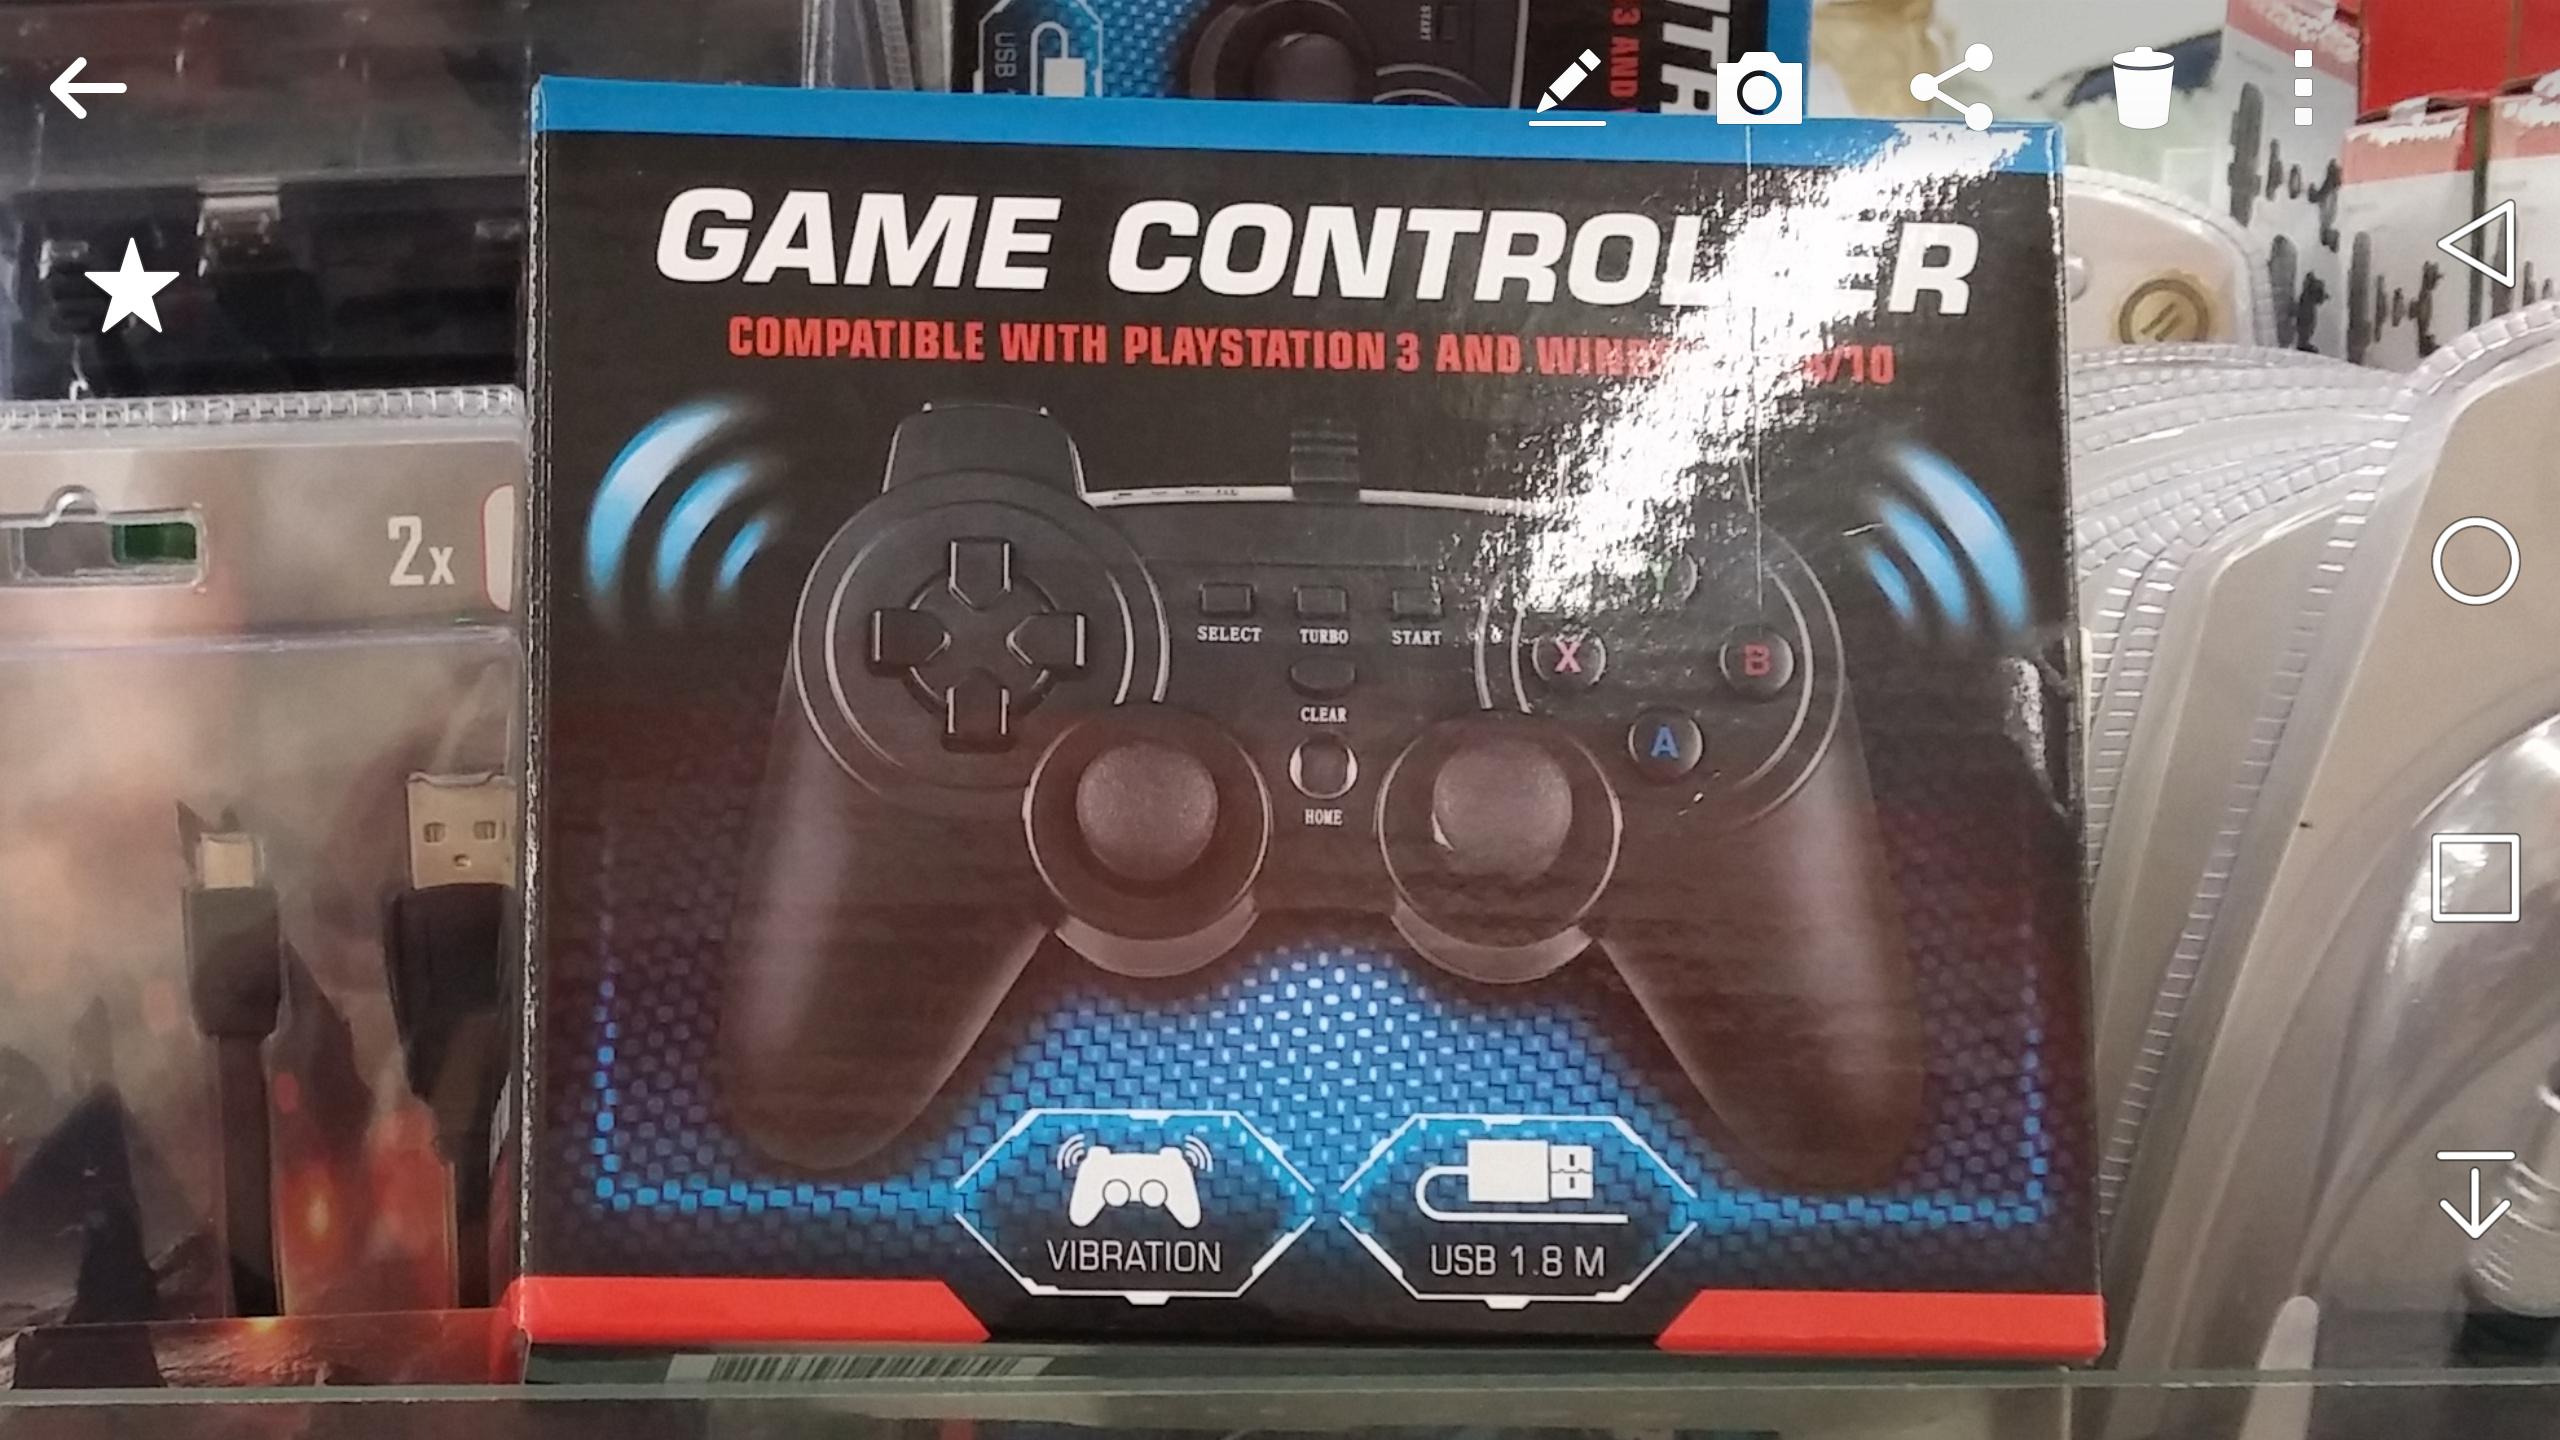 Manette de jeu Game Controller pour PC ou PS3 chez Action Macôn (71)